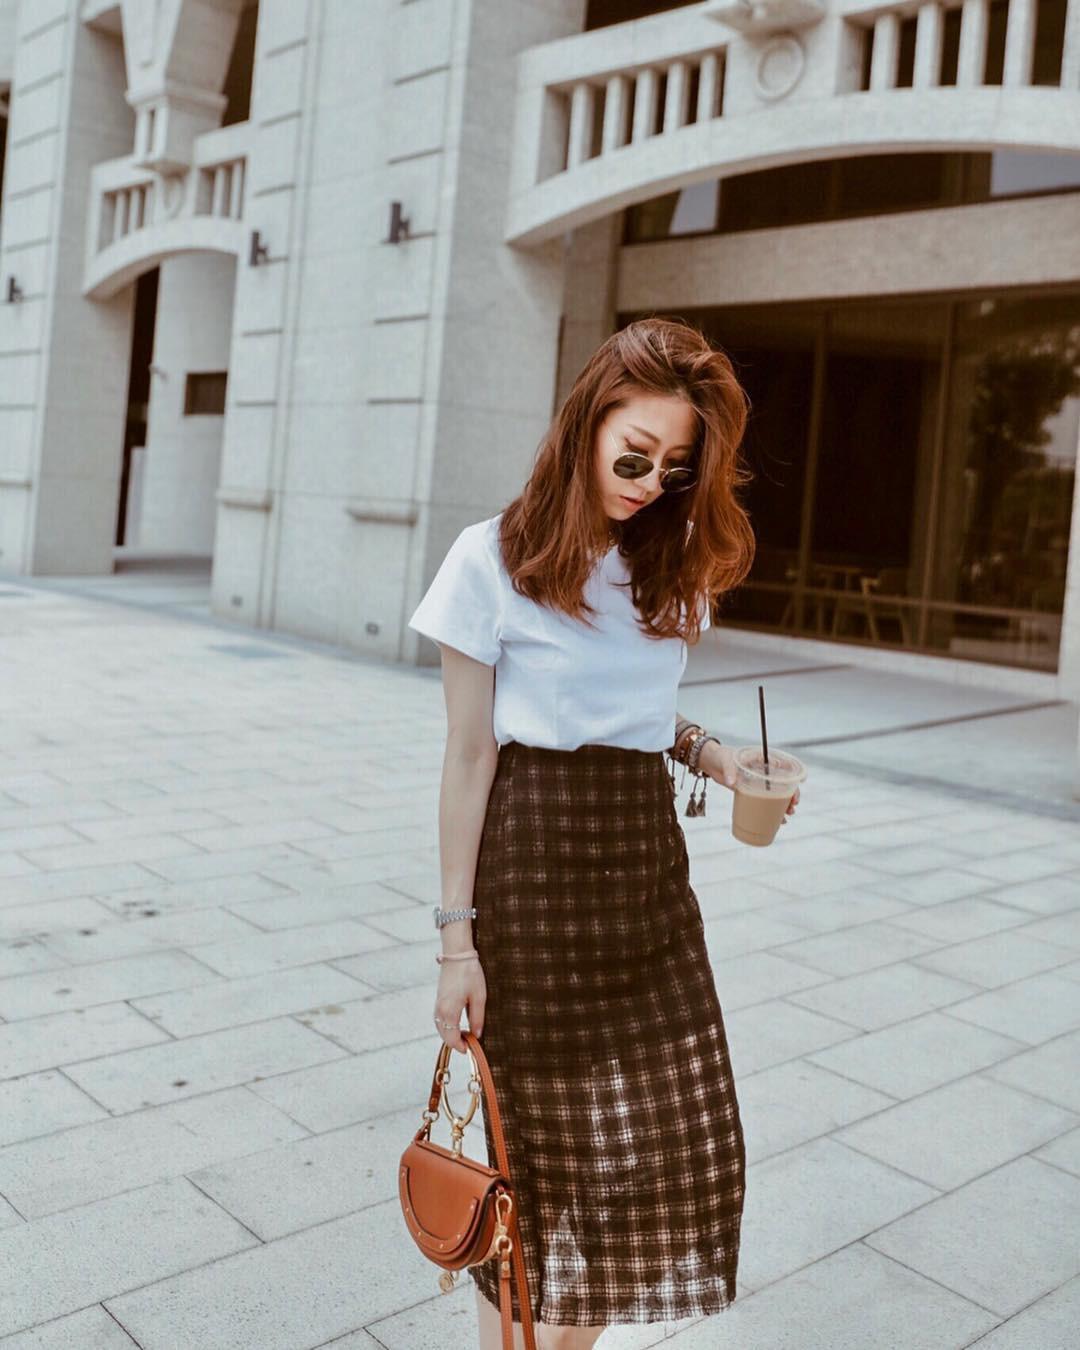 6 items thời trang các quý cô ngoài 30 tuổi cần có để thật xinh đẹp và cuốn hút trong mọi hoàn cảnh - Ảnh 2